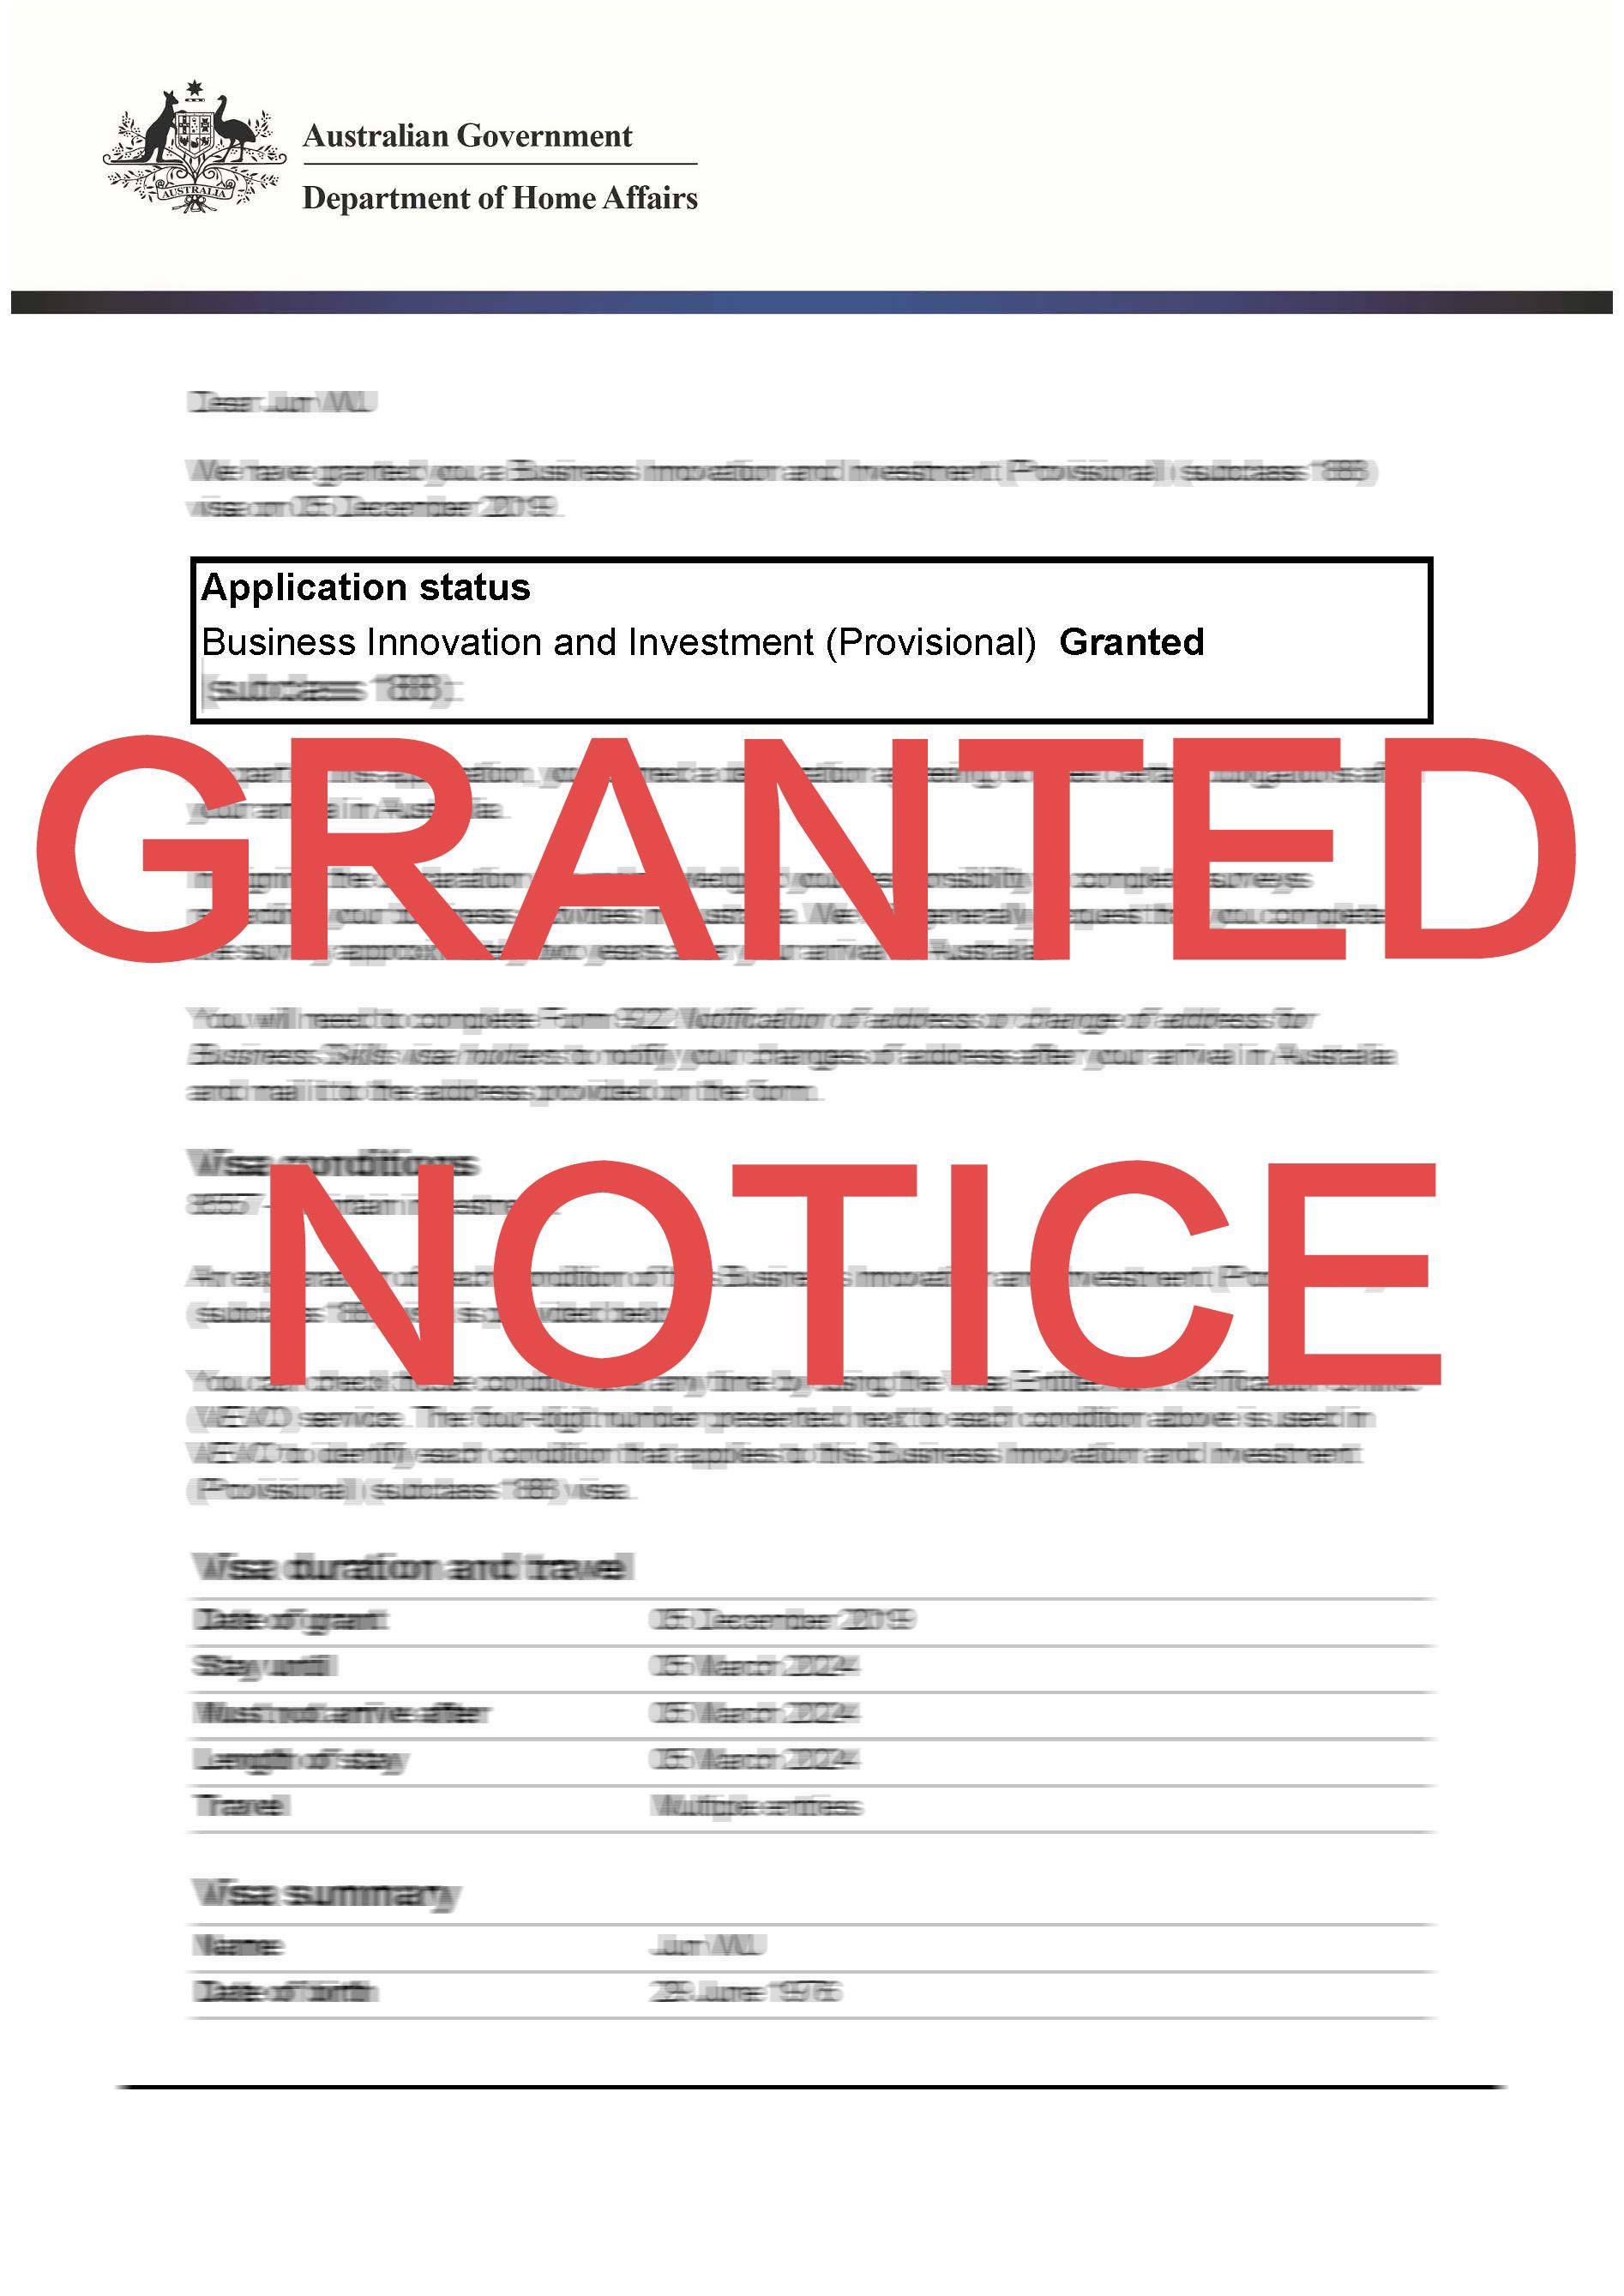 祝贺D先生出境豁免获得批准! D先生目前持有5年居民返程签证(155类别),属于长期在澳居住人士。 D先生在中国有生意,此次新冠疫情对企业的冲击不小,因此D先生急需回国参加董事会议,商讨应对方案。 虽